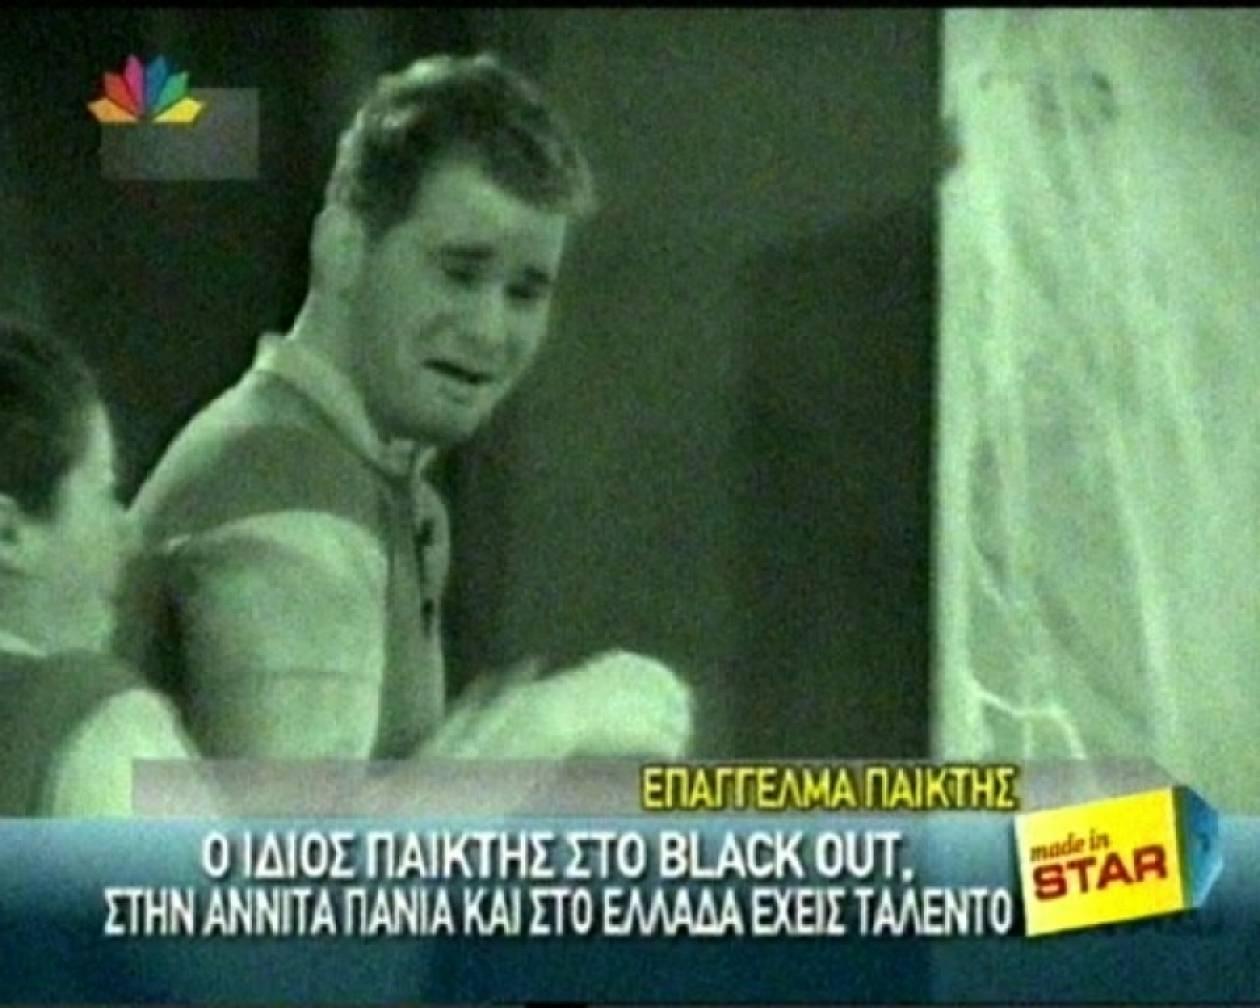 Ο ίδιος παίκτης σε «Black Out», Πάνια και «Ελλάδα έχεις ταλέντο»